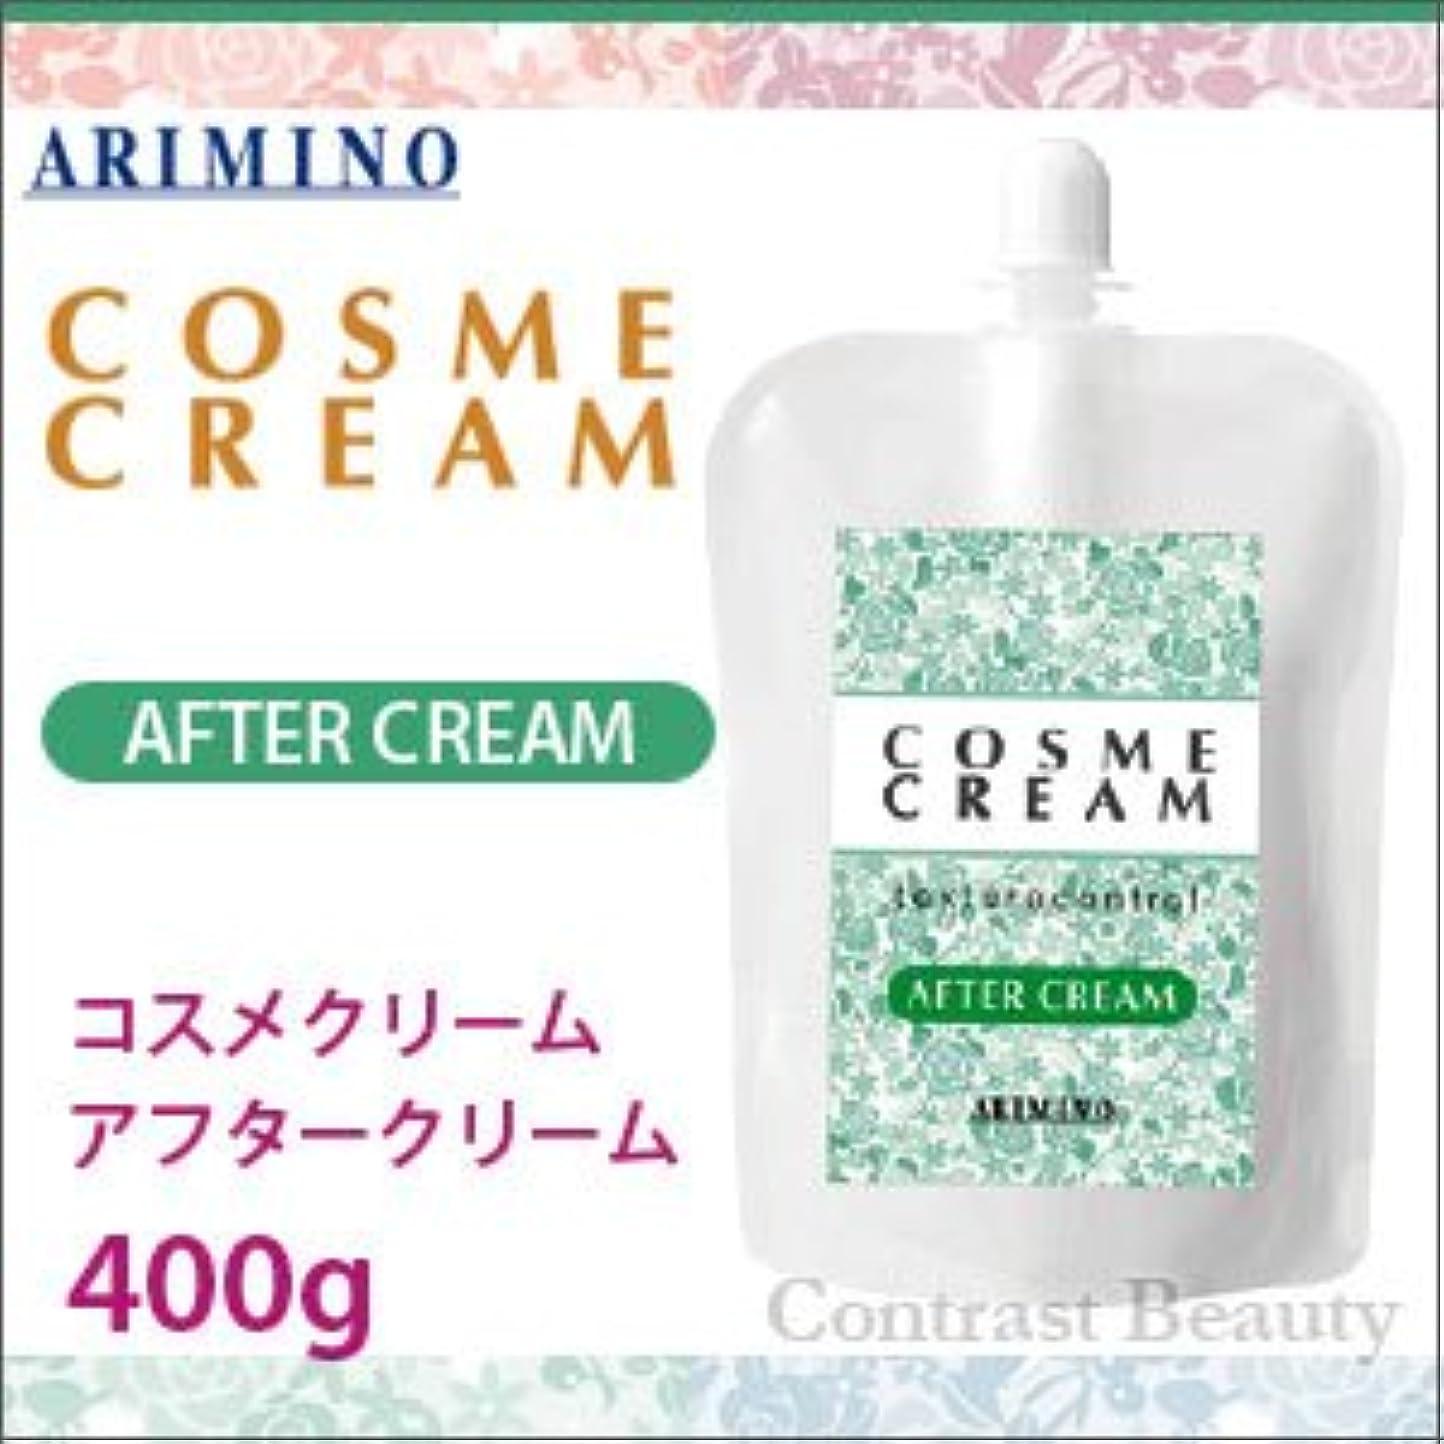 マニアックアレンジ地区【X5個セット】 アリミノ コスメクリーム アフタークリーム 400g